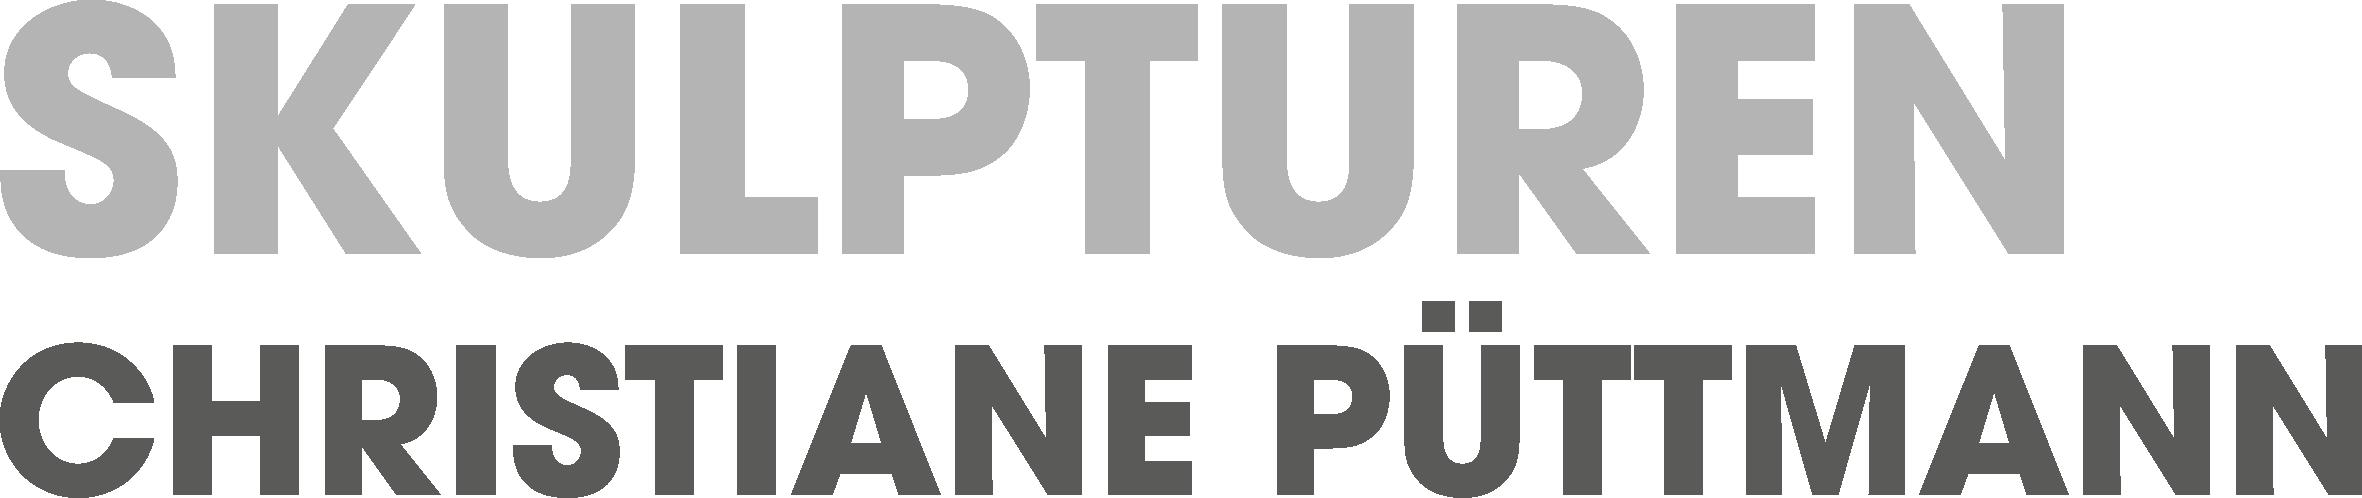 Christiane Püttmann